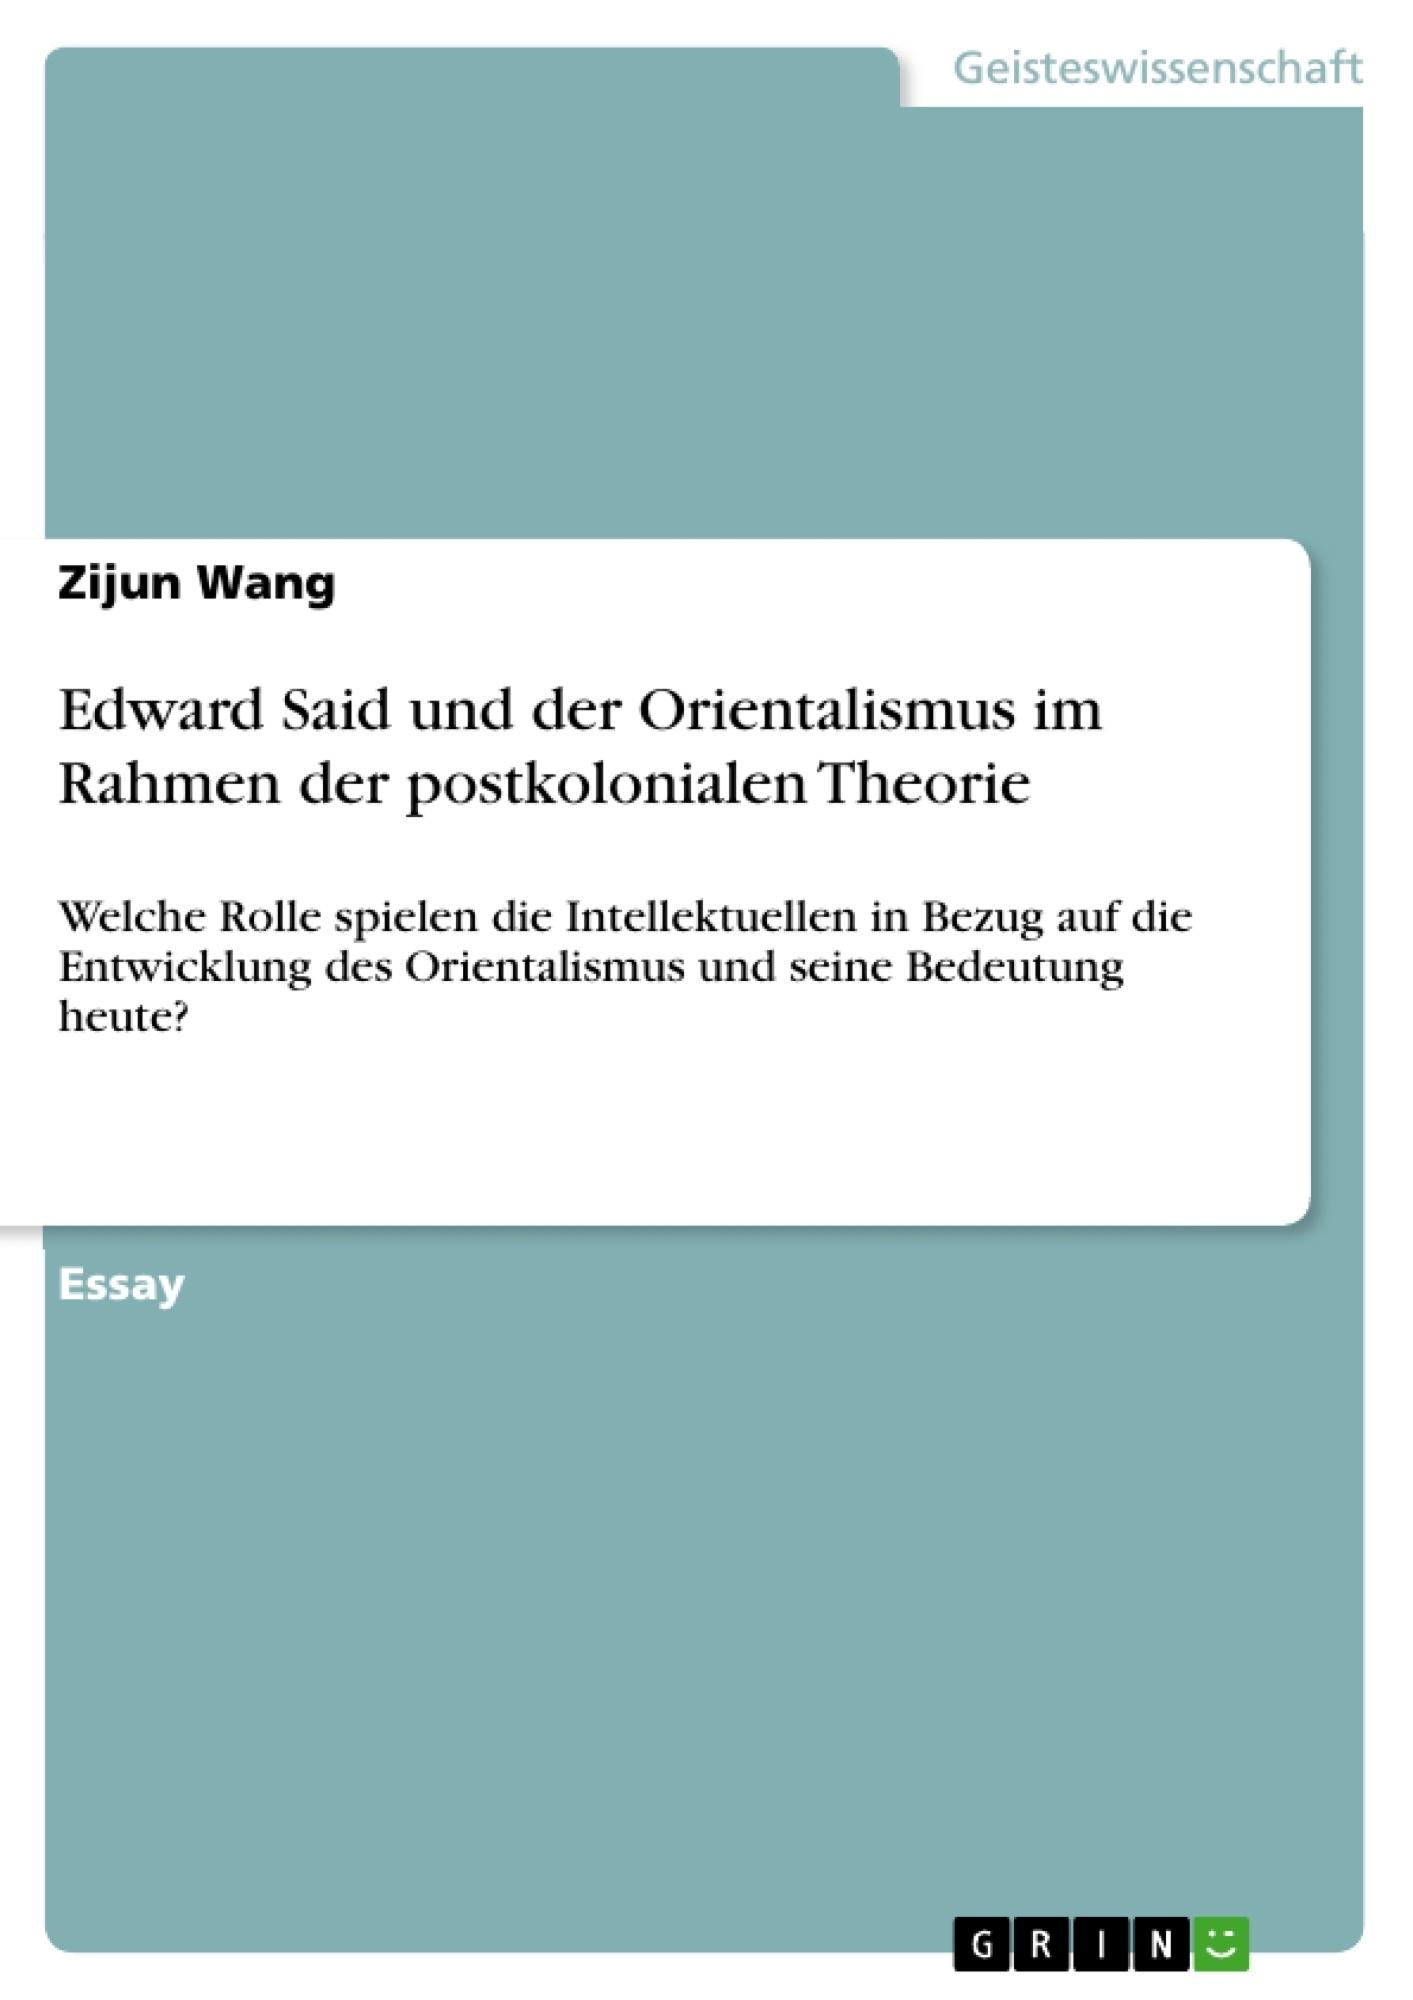 Titel: Edward Said und der Orientalismus im Rahmen der postkolonialen Theorie